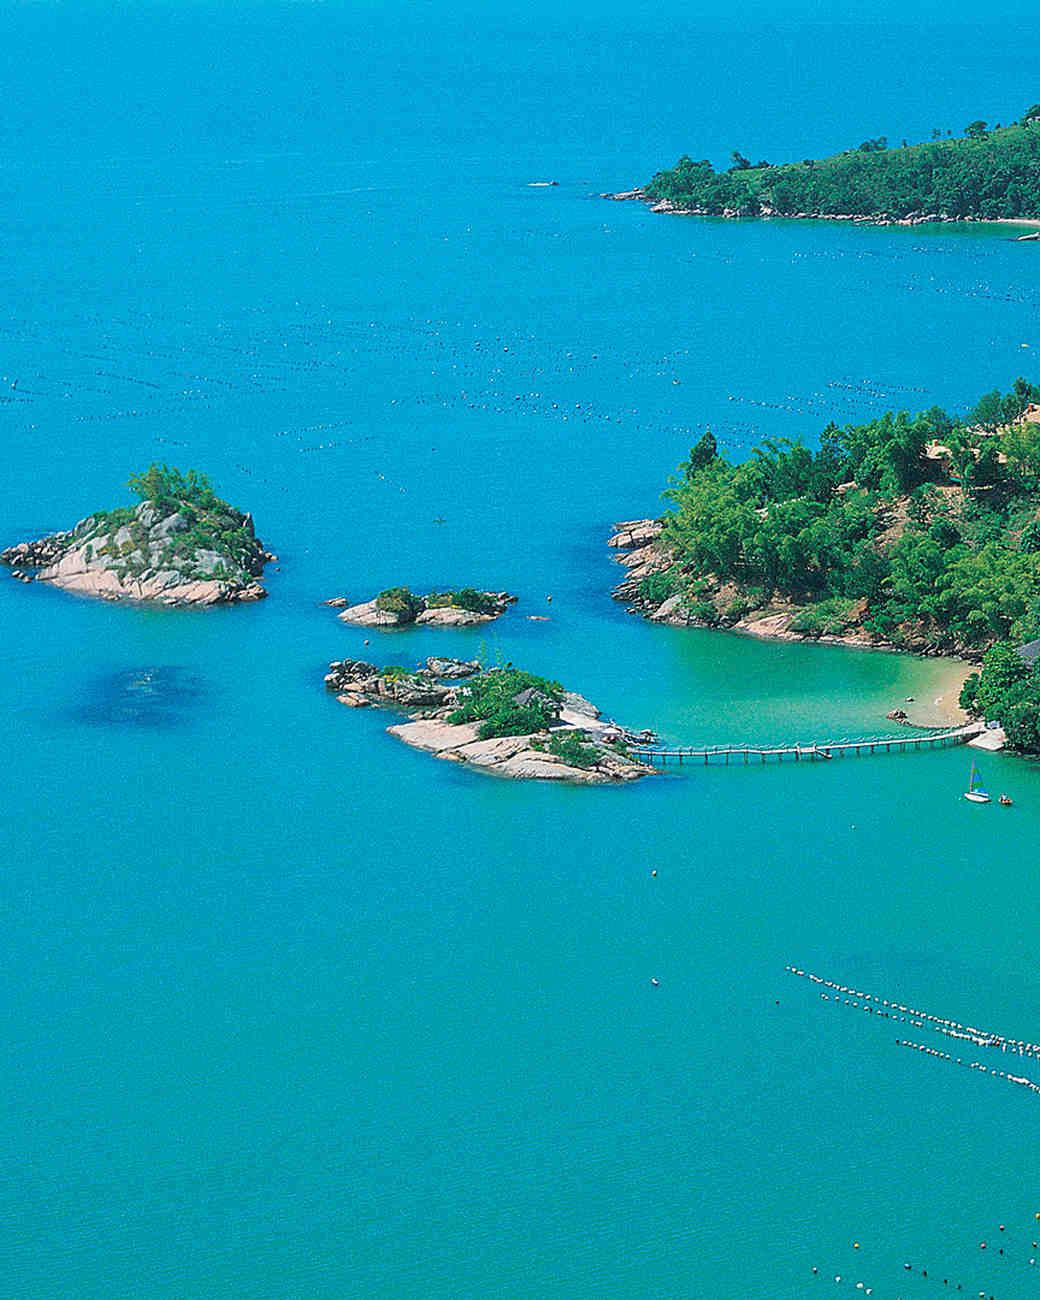 best-beach-honeymoon-spots-pota-dos-ganchos-1115.jpg